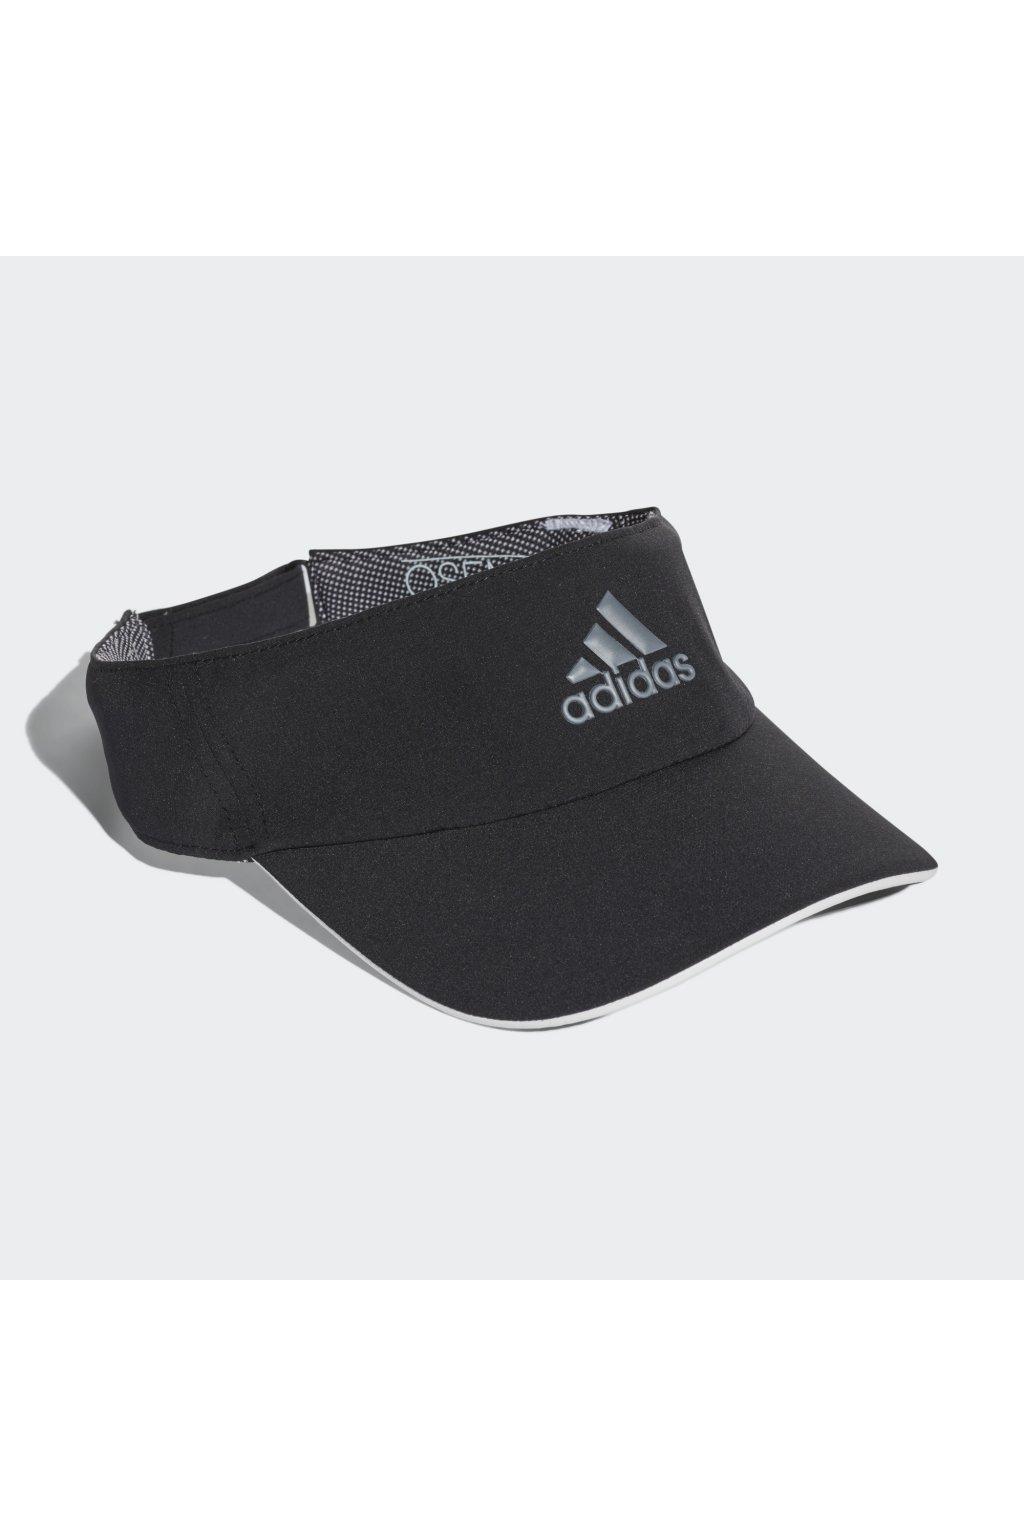 silt adidas clmlt visor cf6920 (1)